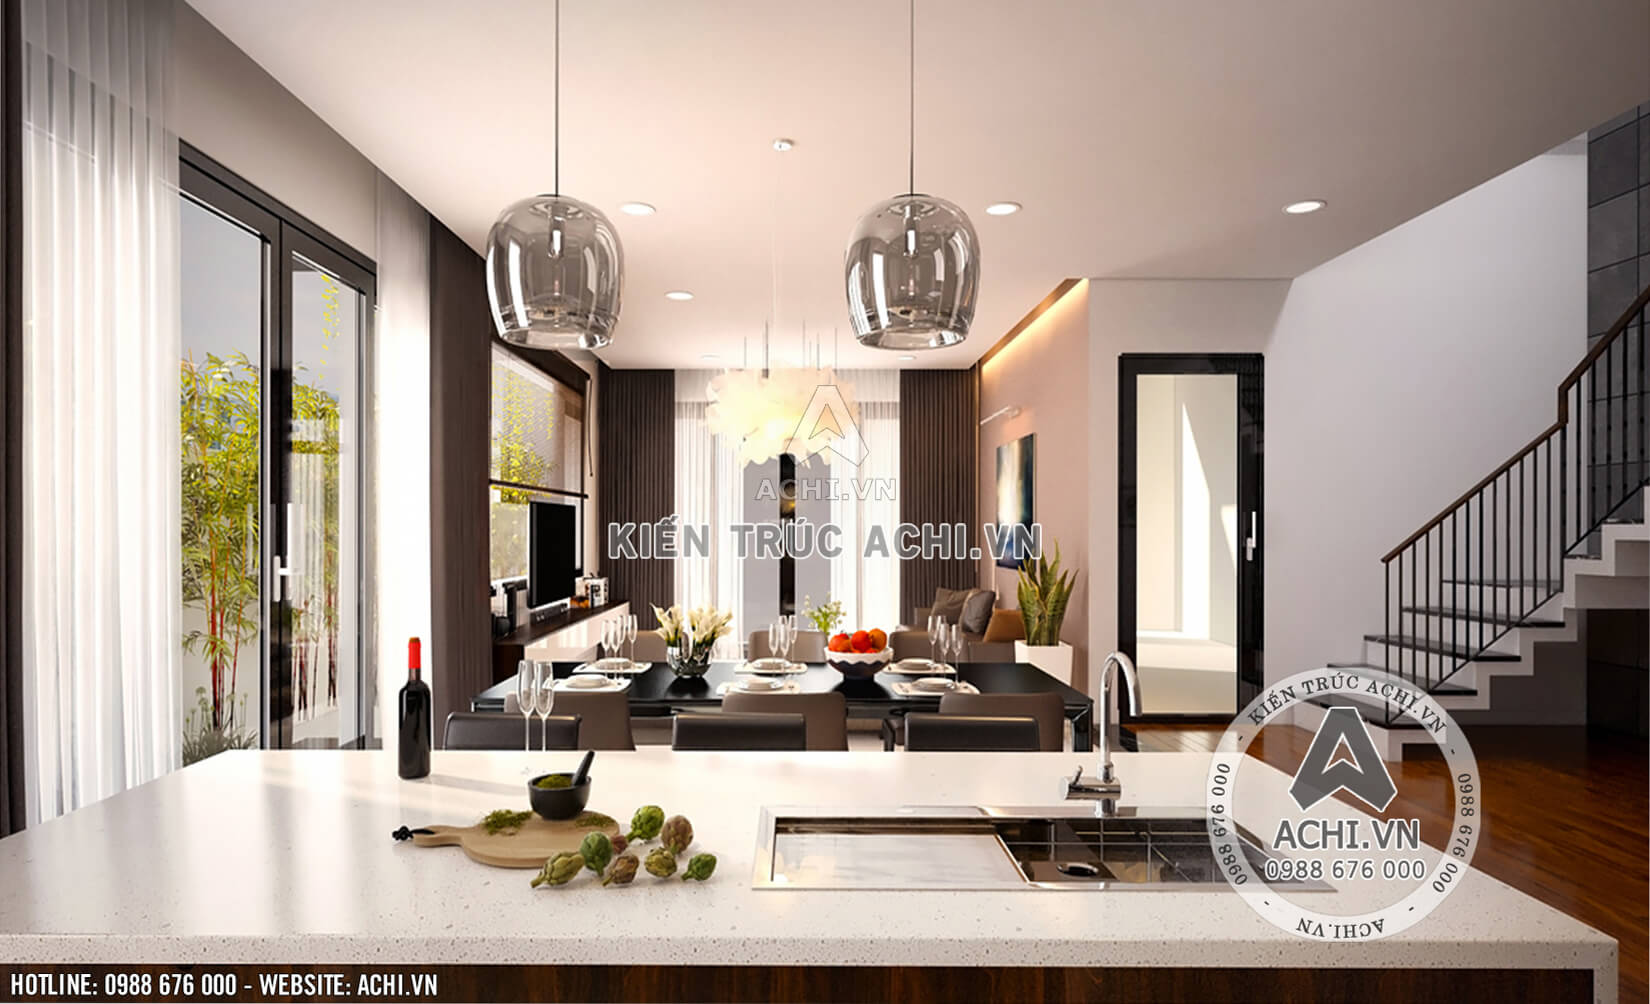 Nội thất phòng bếp của mẫu nhà 2 tầng sang trọng